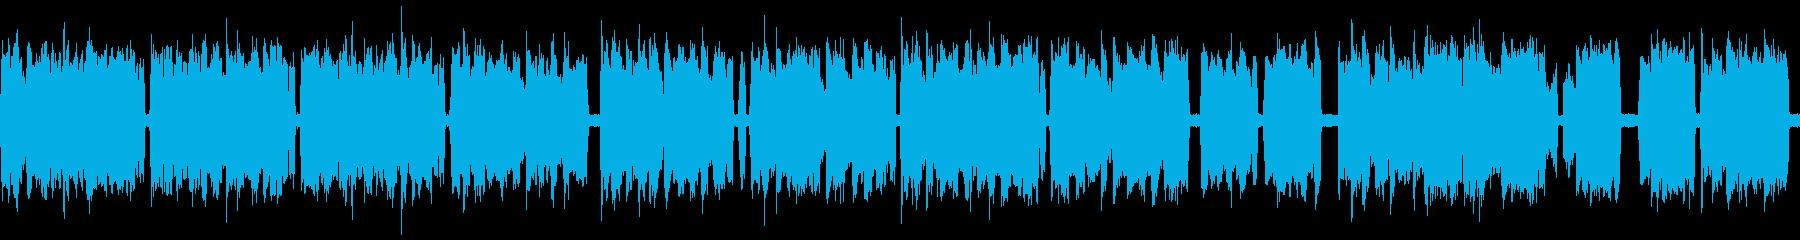 アコーディオンでほのぼのしたBGMの再生済みの波形